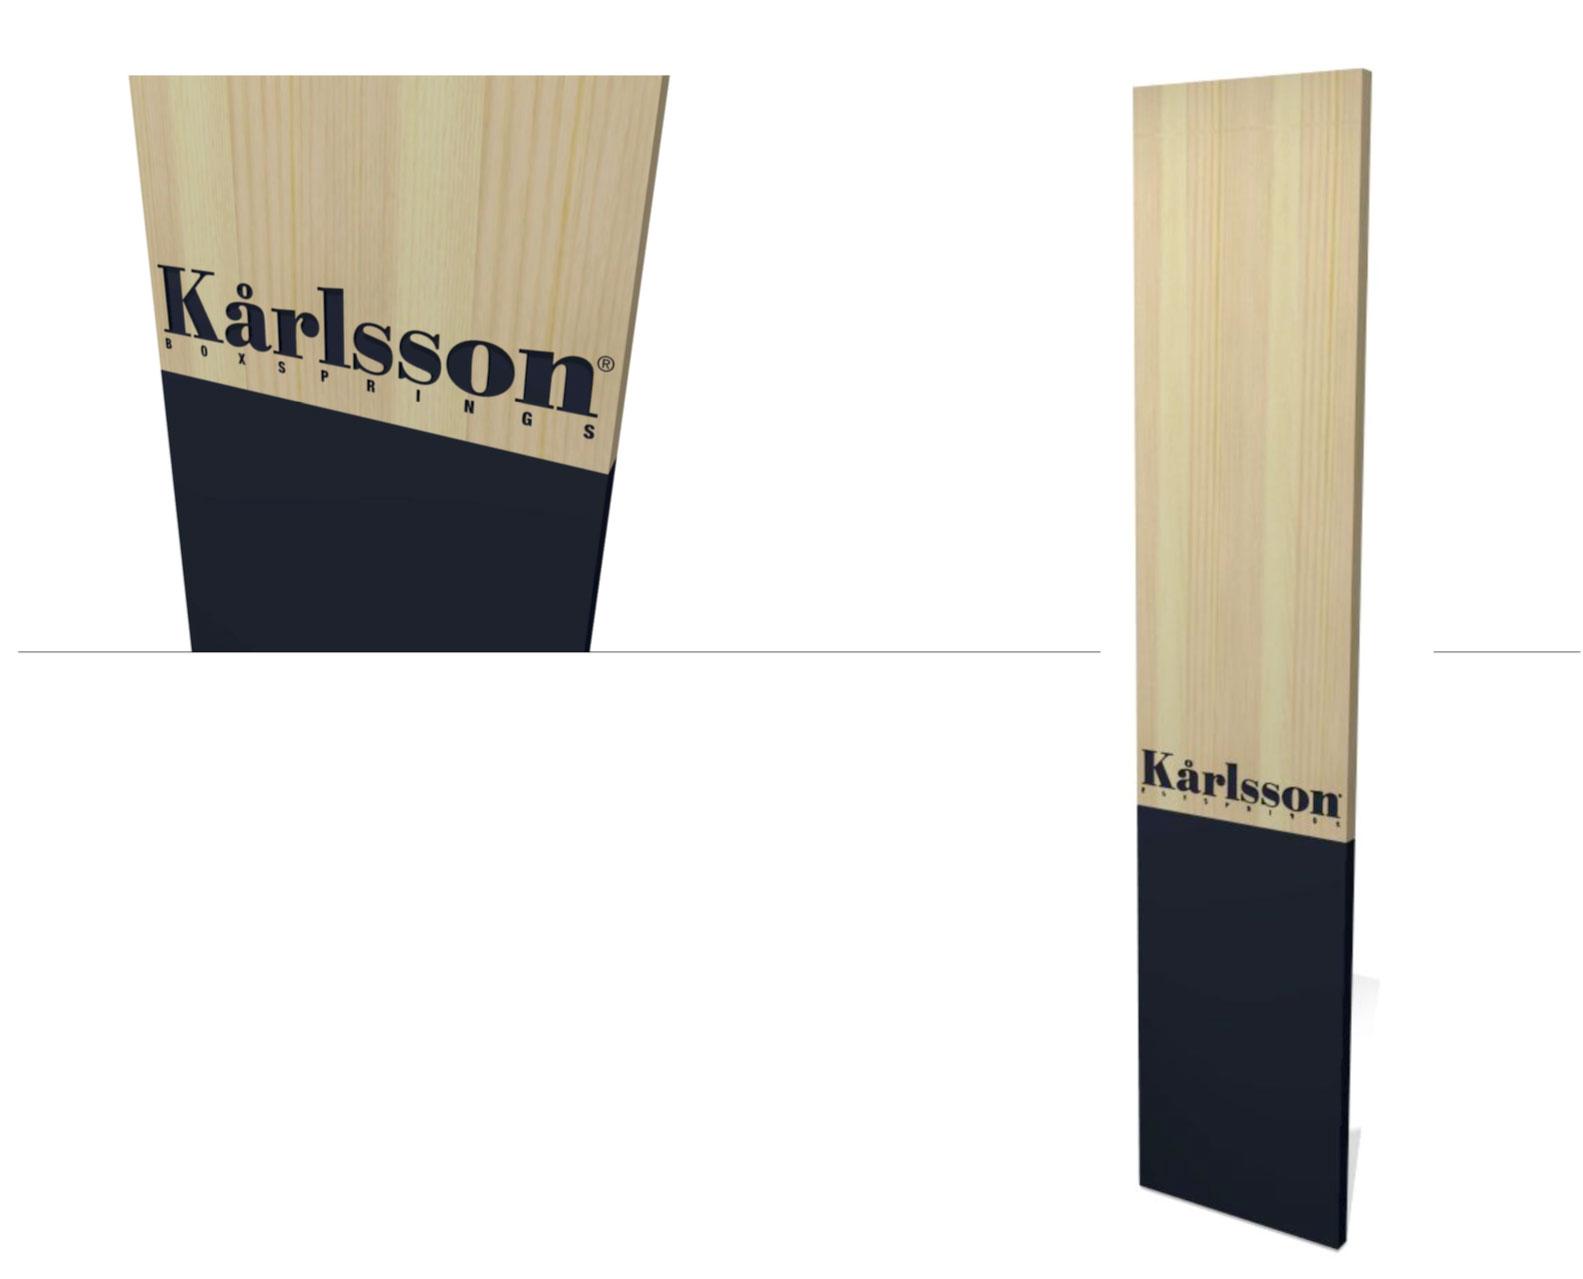 Karlsson06